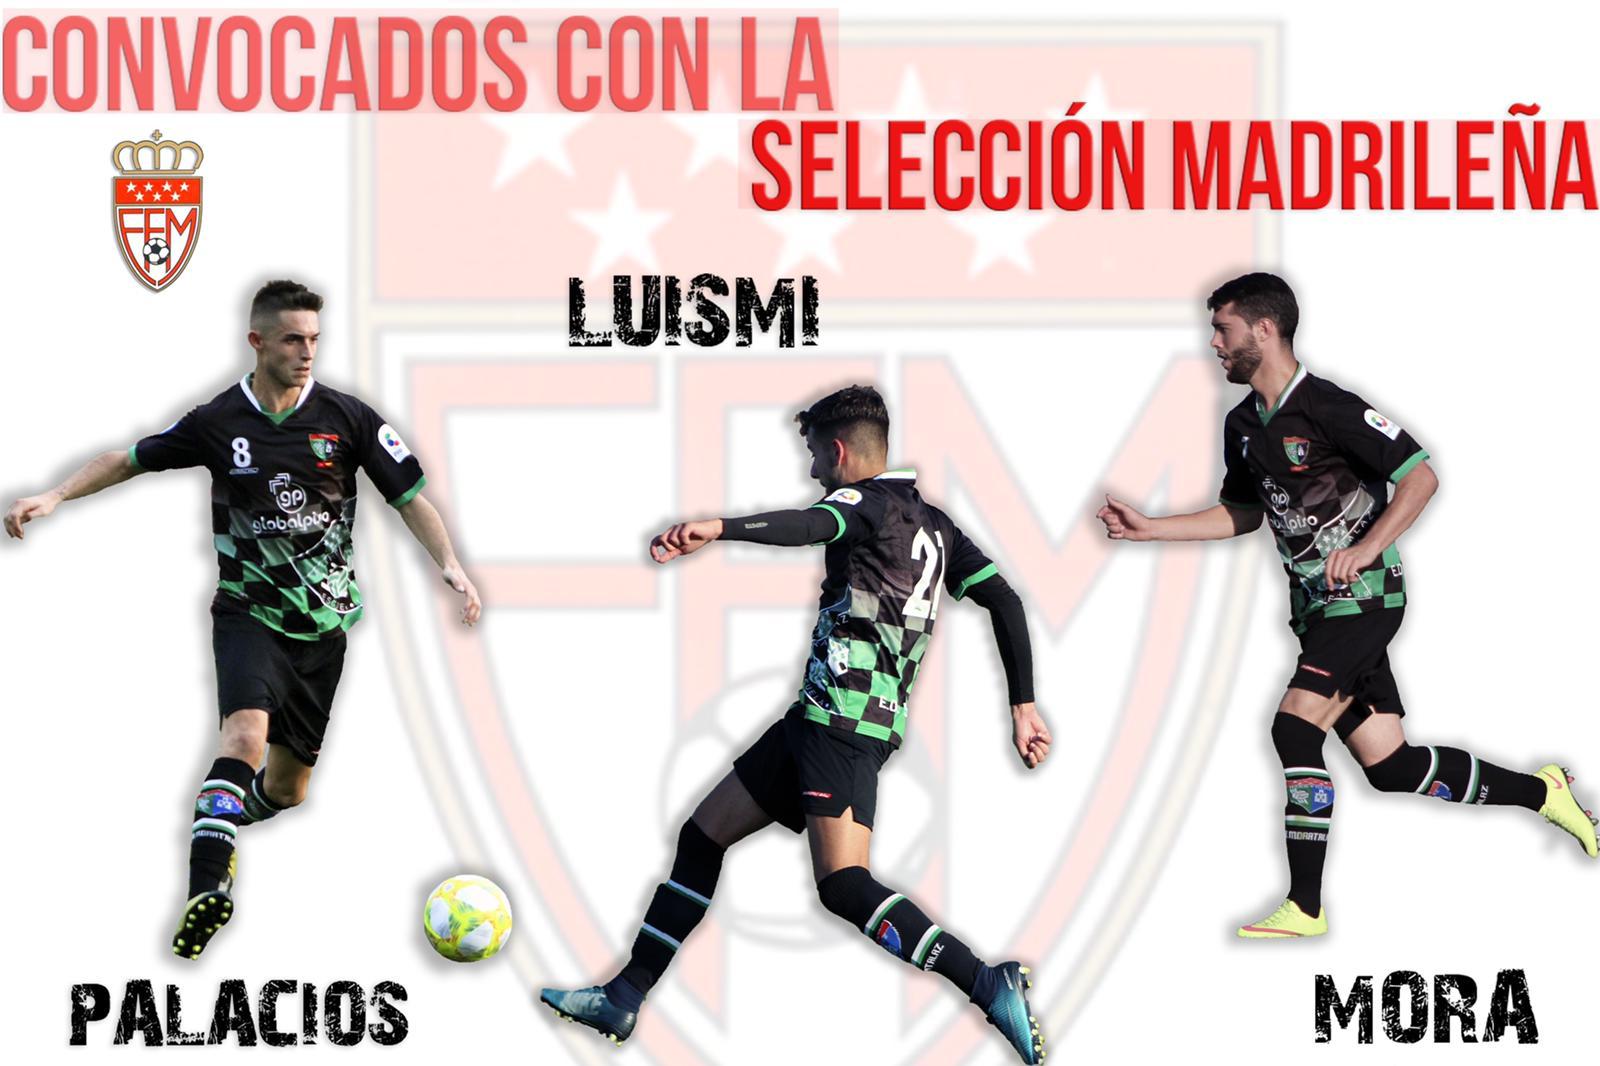 Luismi, Cristian Mora y Palacios, jugadores del Primer Equipo, convocados con la Selección Madrileña